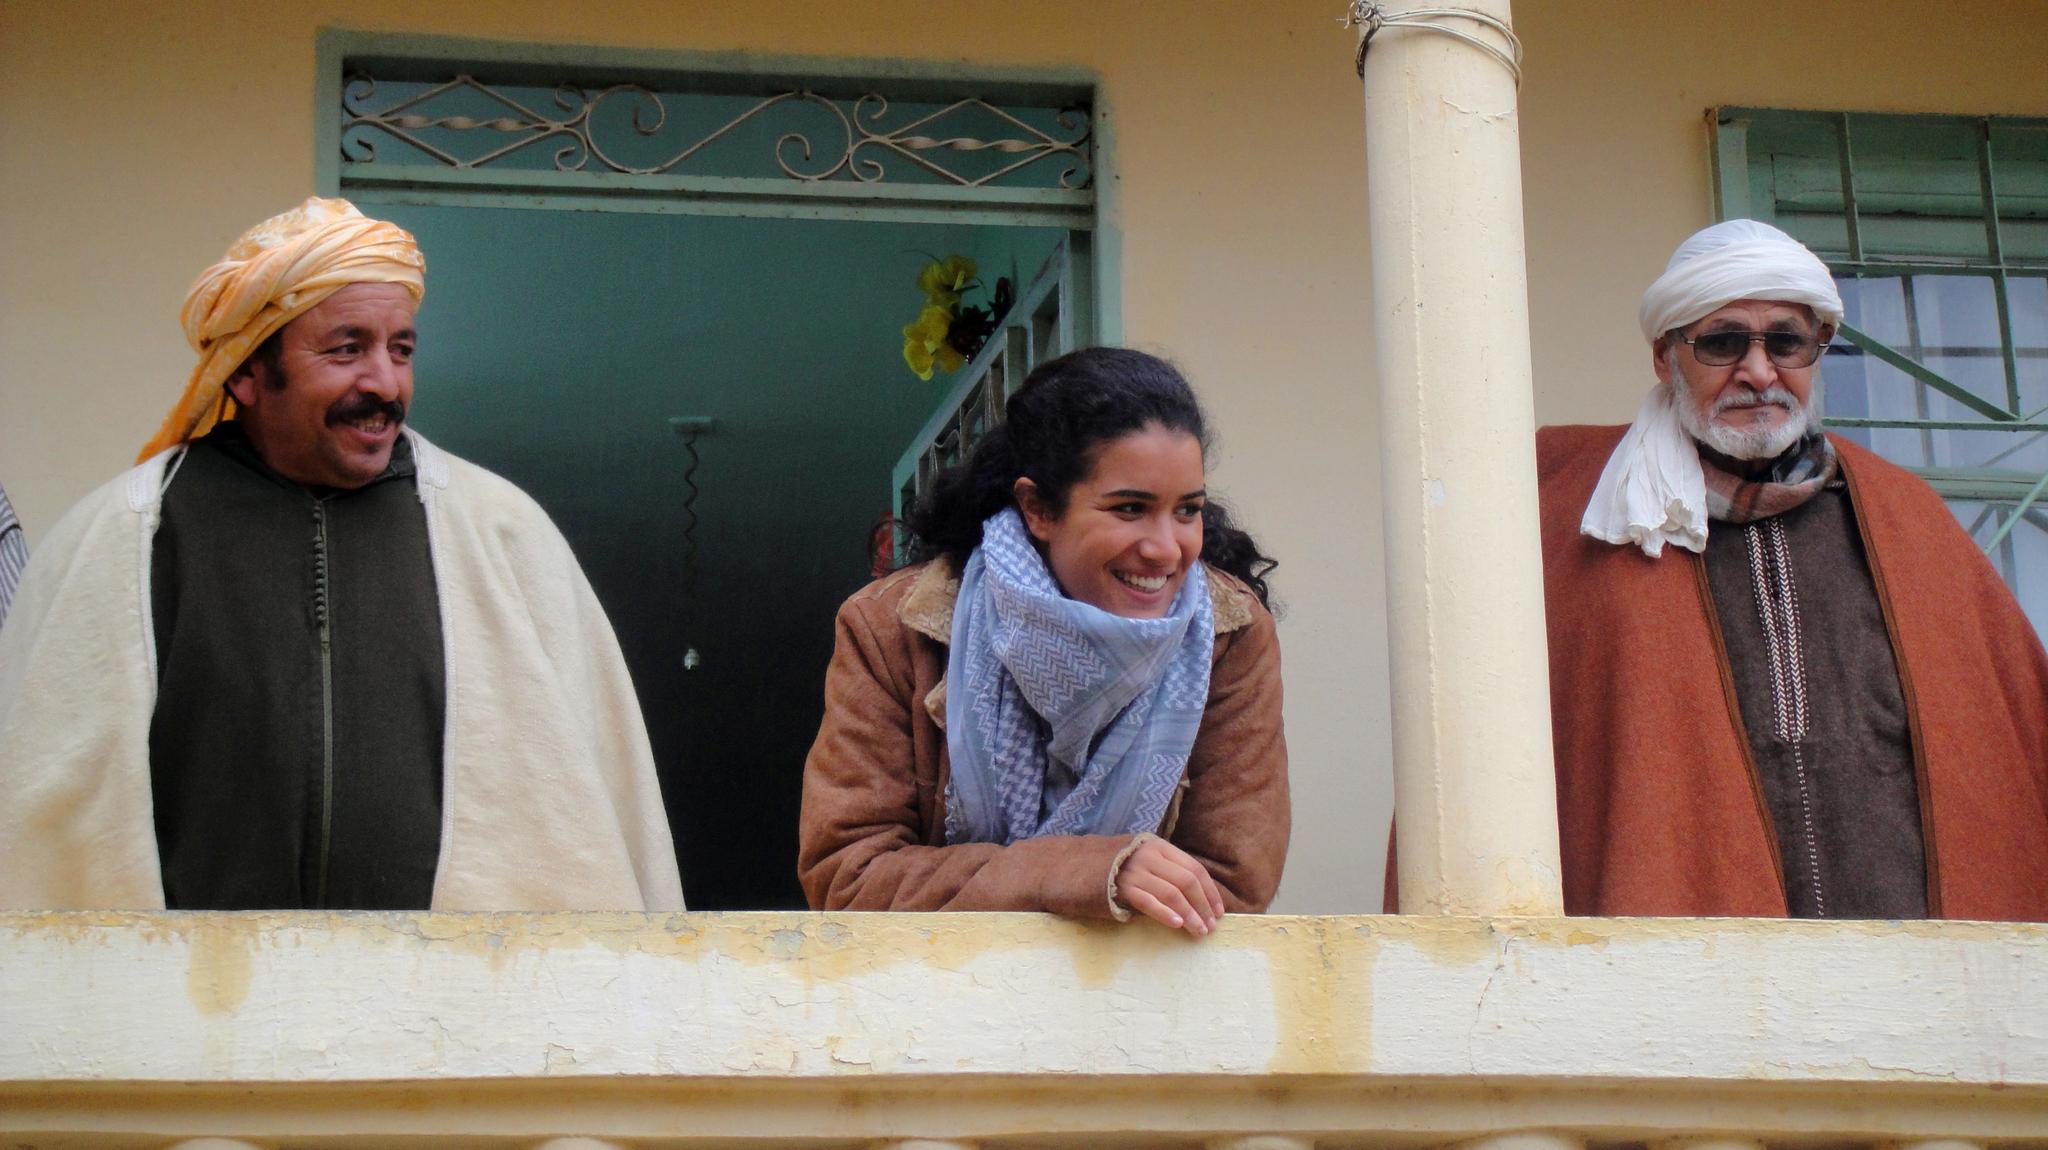 Sabrina Ouazani in Des hommes et des dieux (2010)